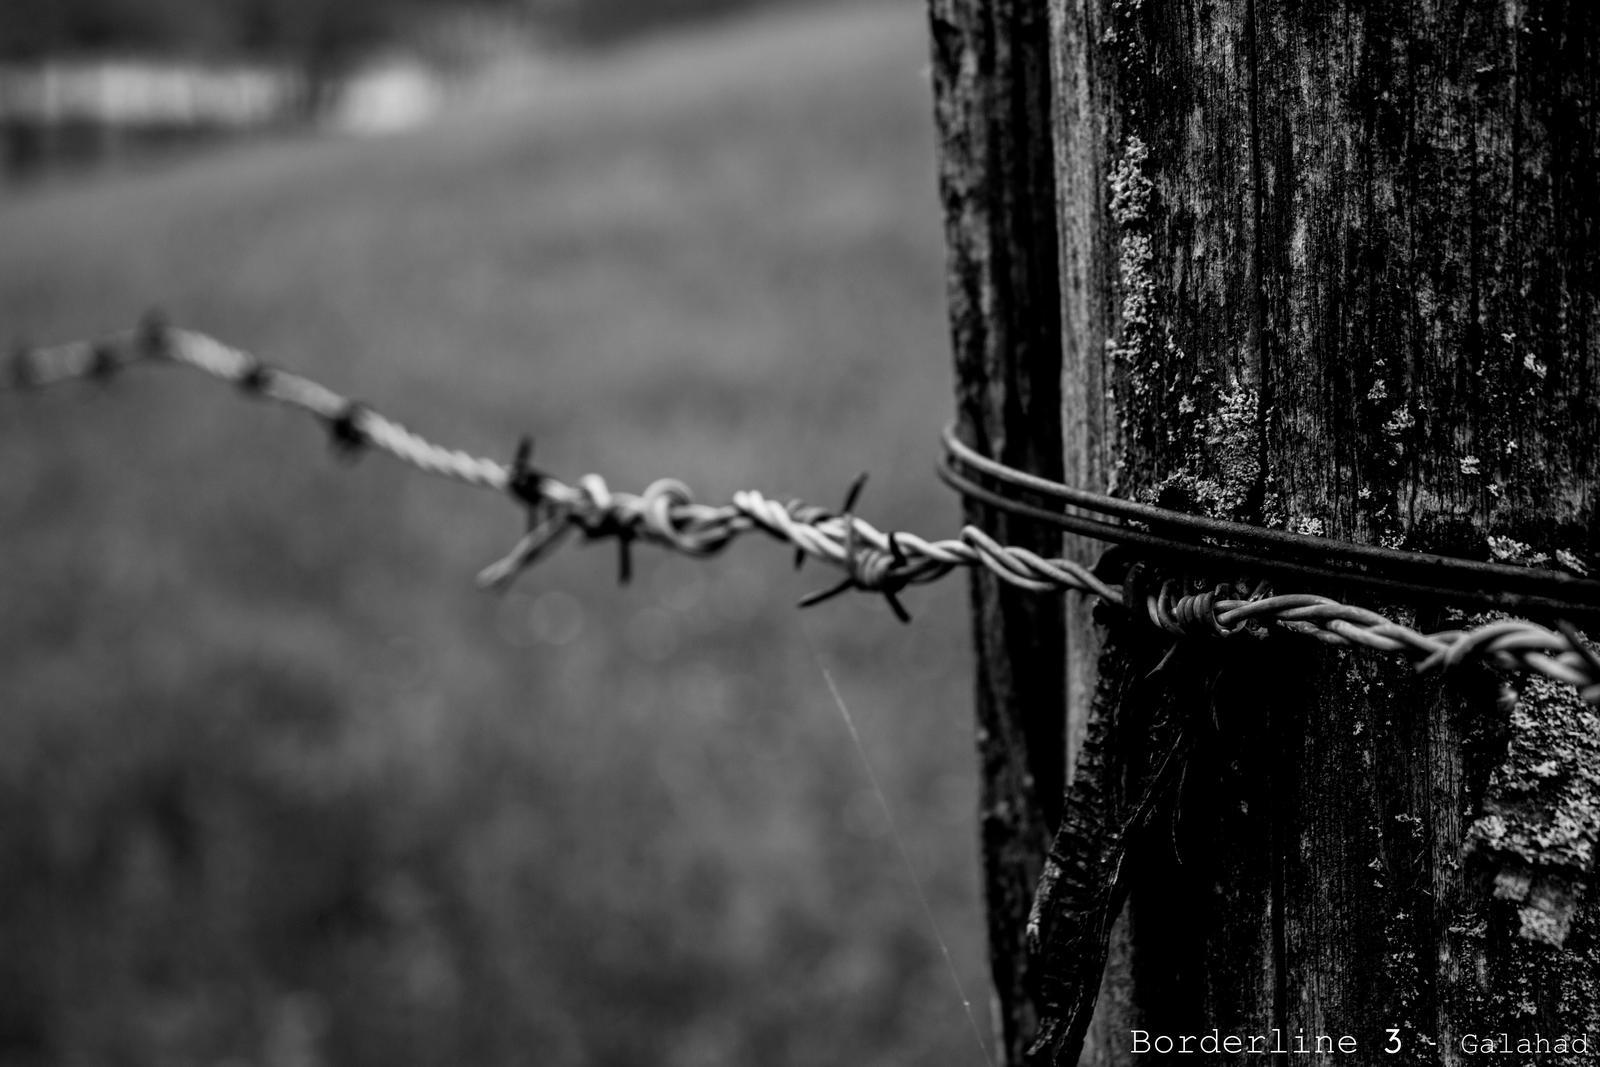 Borderline 3.. by Arin91